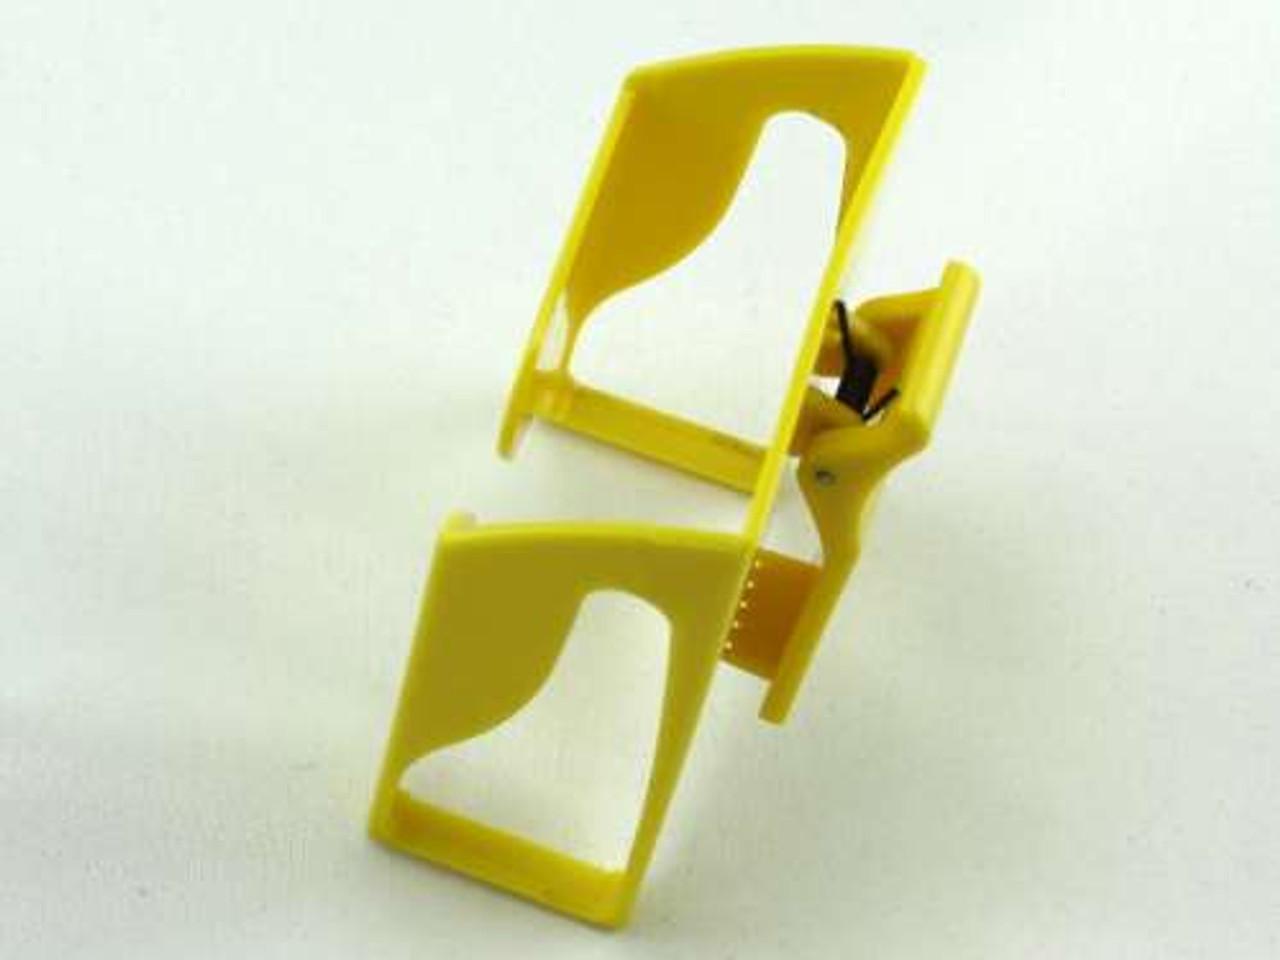 Yellow Belt Clip Cigarette Pack Holder